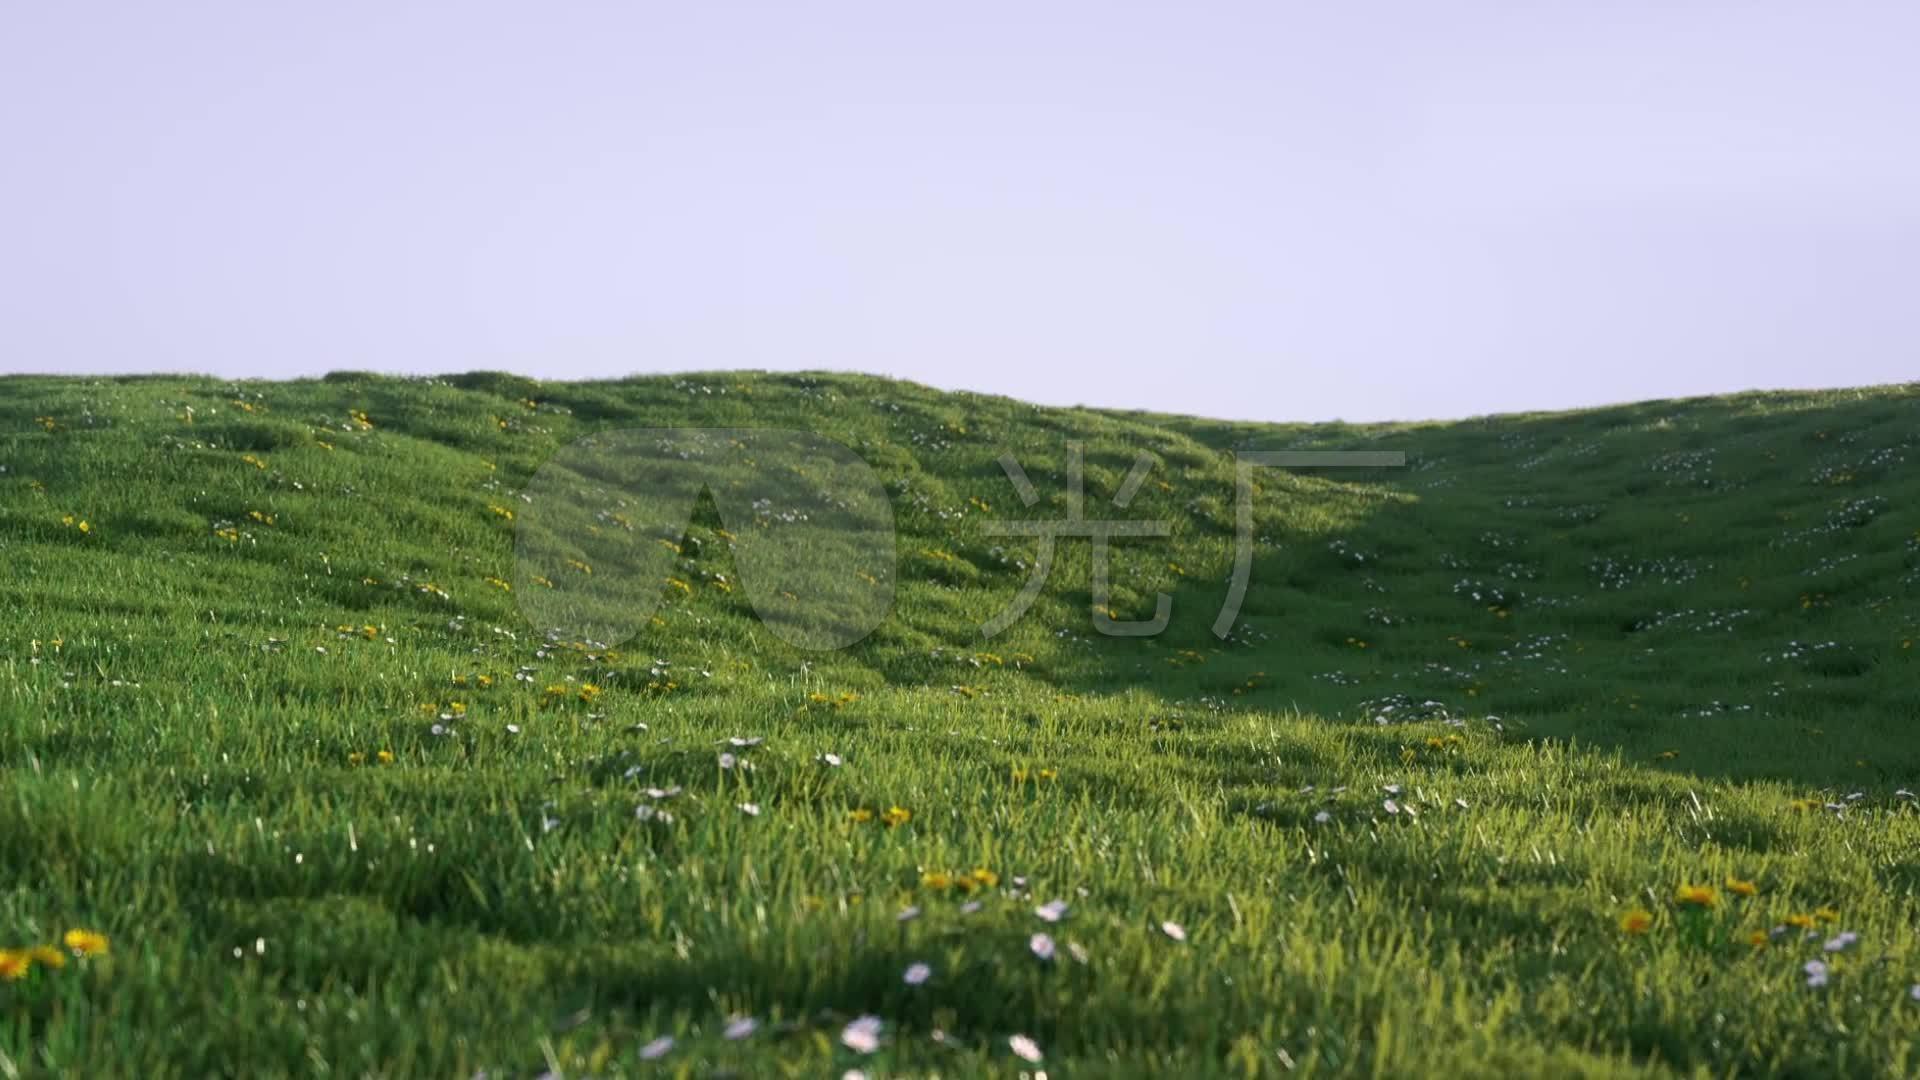 素材视频视频高清_1920X1080_视频素材青草绿地分室v素材图片